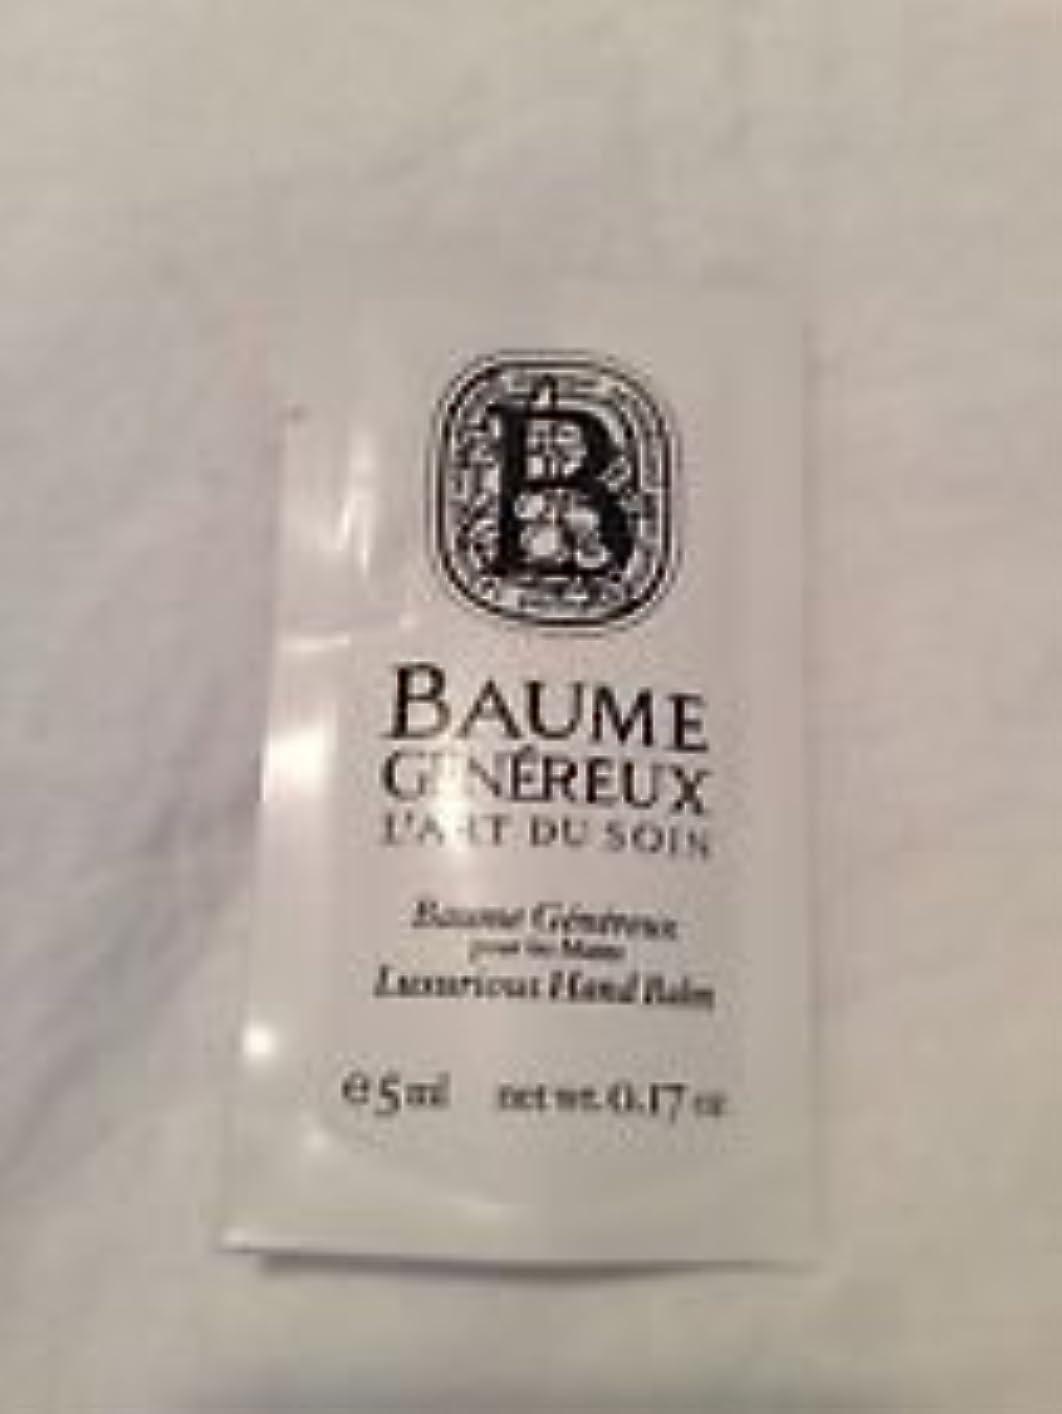 解釈的空虚塊Diptyque Baume Genereux (ディプティック ボーム ジェネリュク) 0.17 oz (5ml) ハンドバルム サンプル for Women